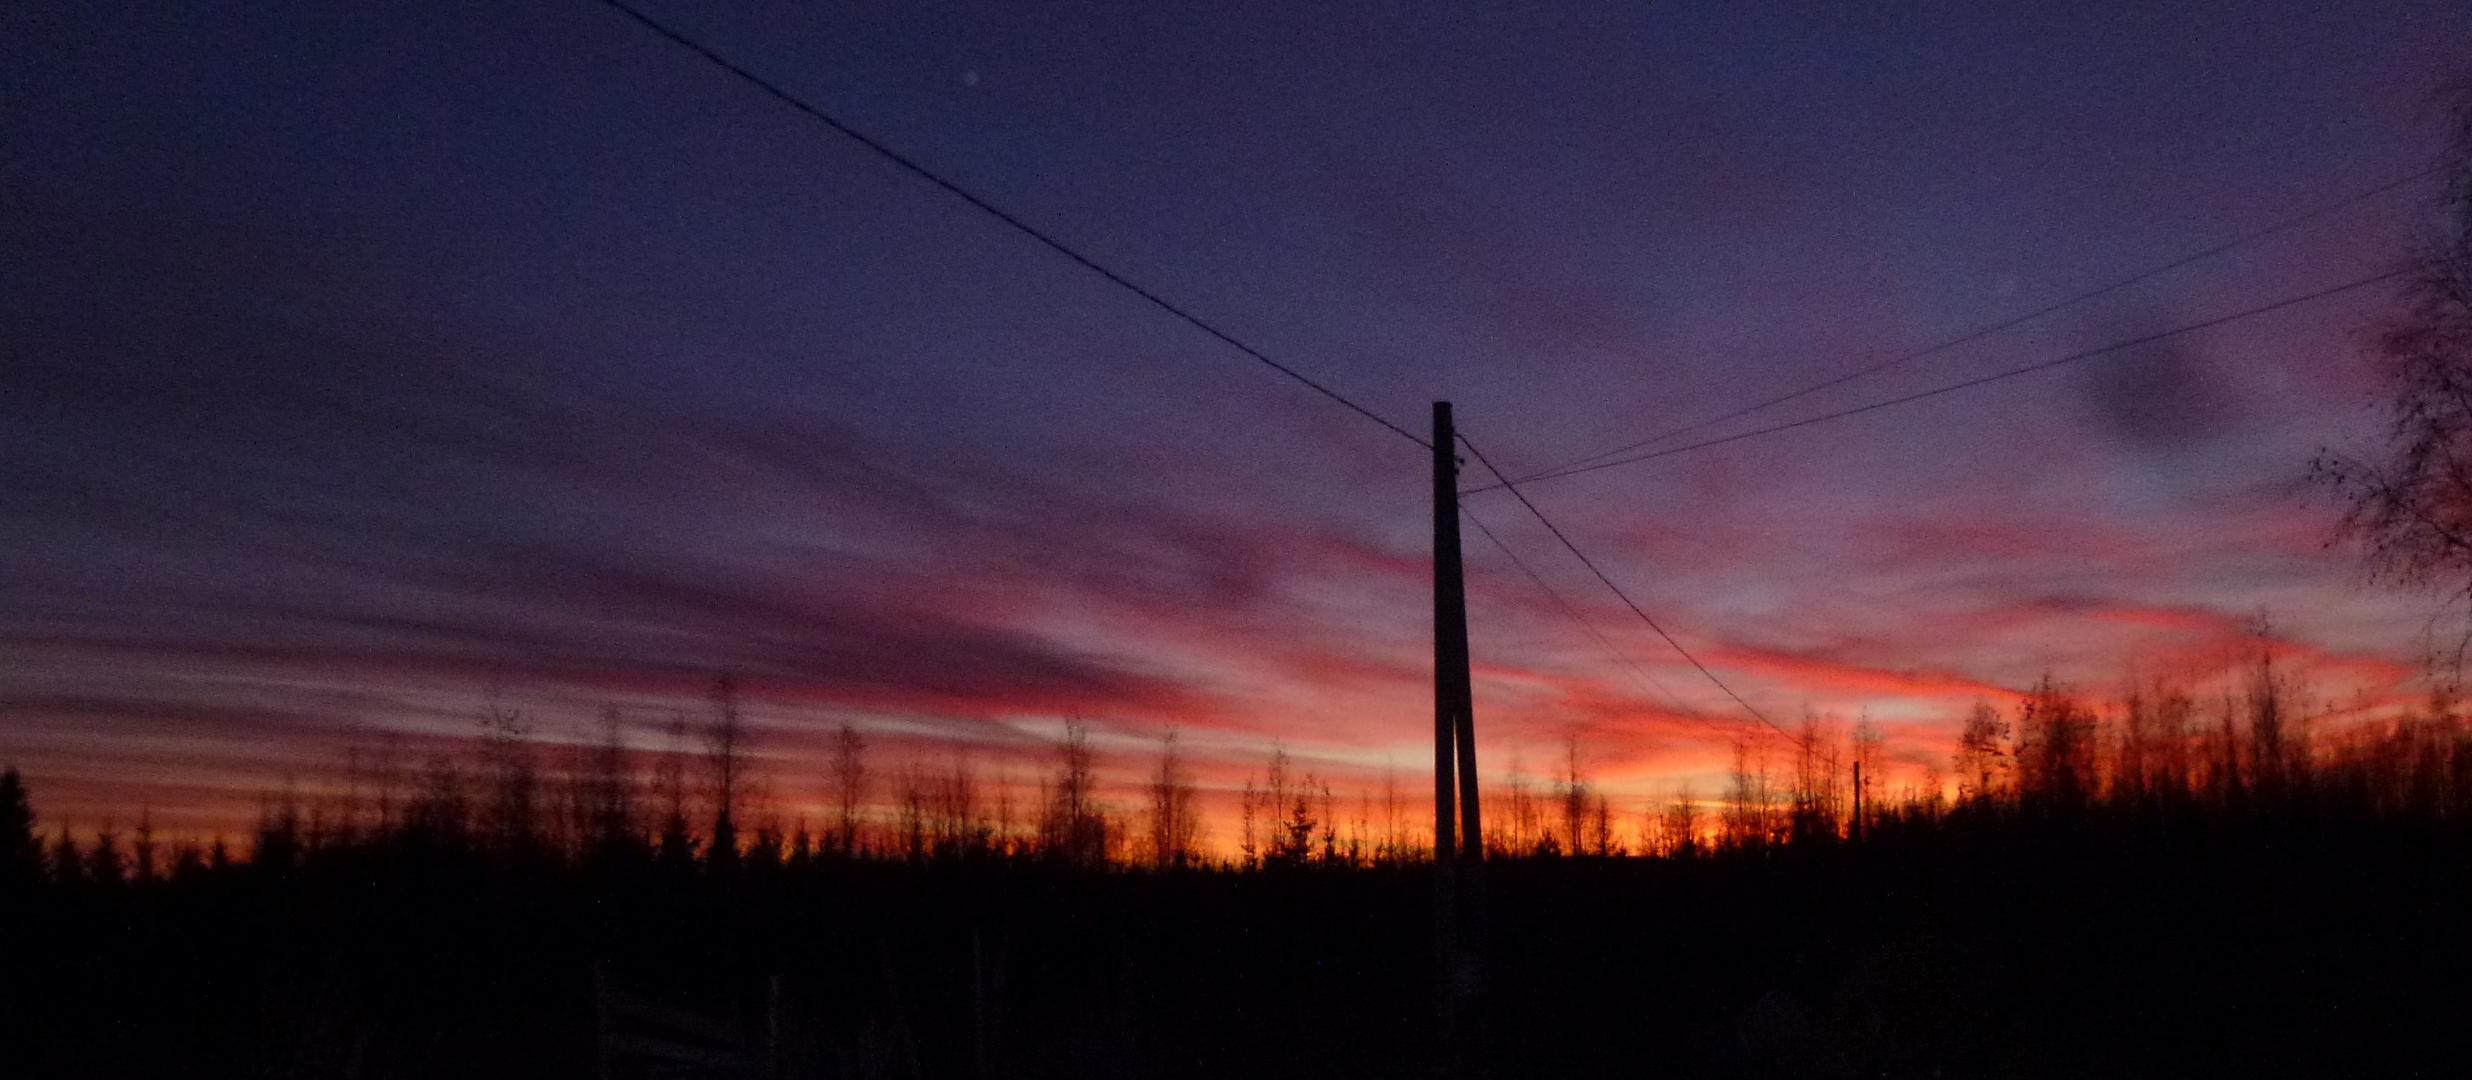 Immer ieder faszinierend: der Sonnenuntergang